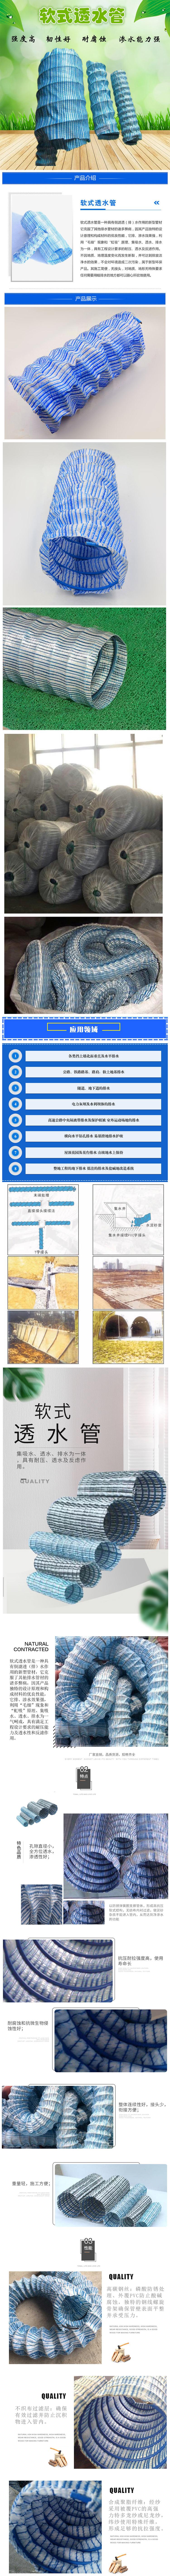 软式透水管  软式透水管厂家 软式透水管价格 软式透水管现货供应示例图1